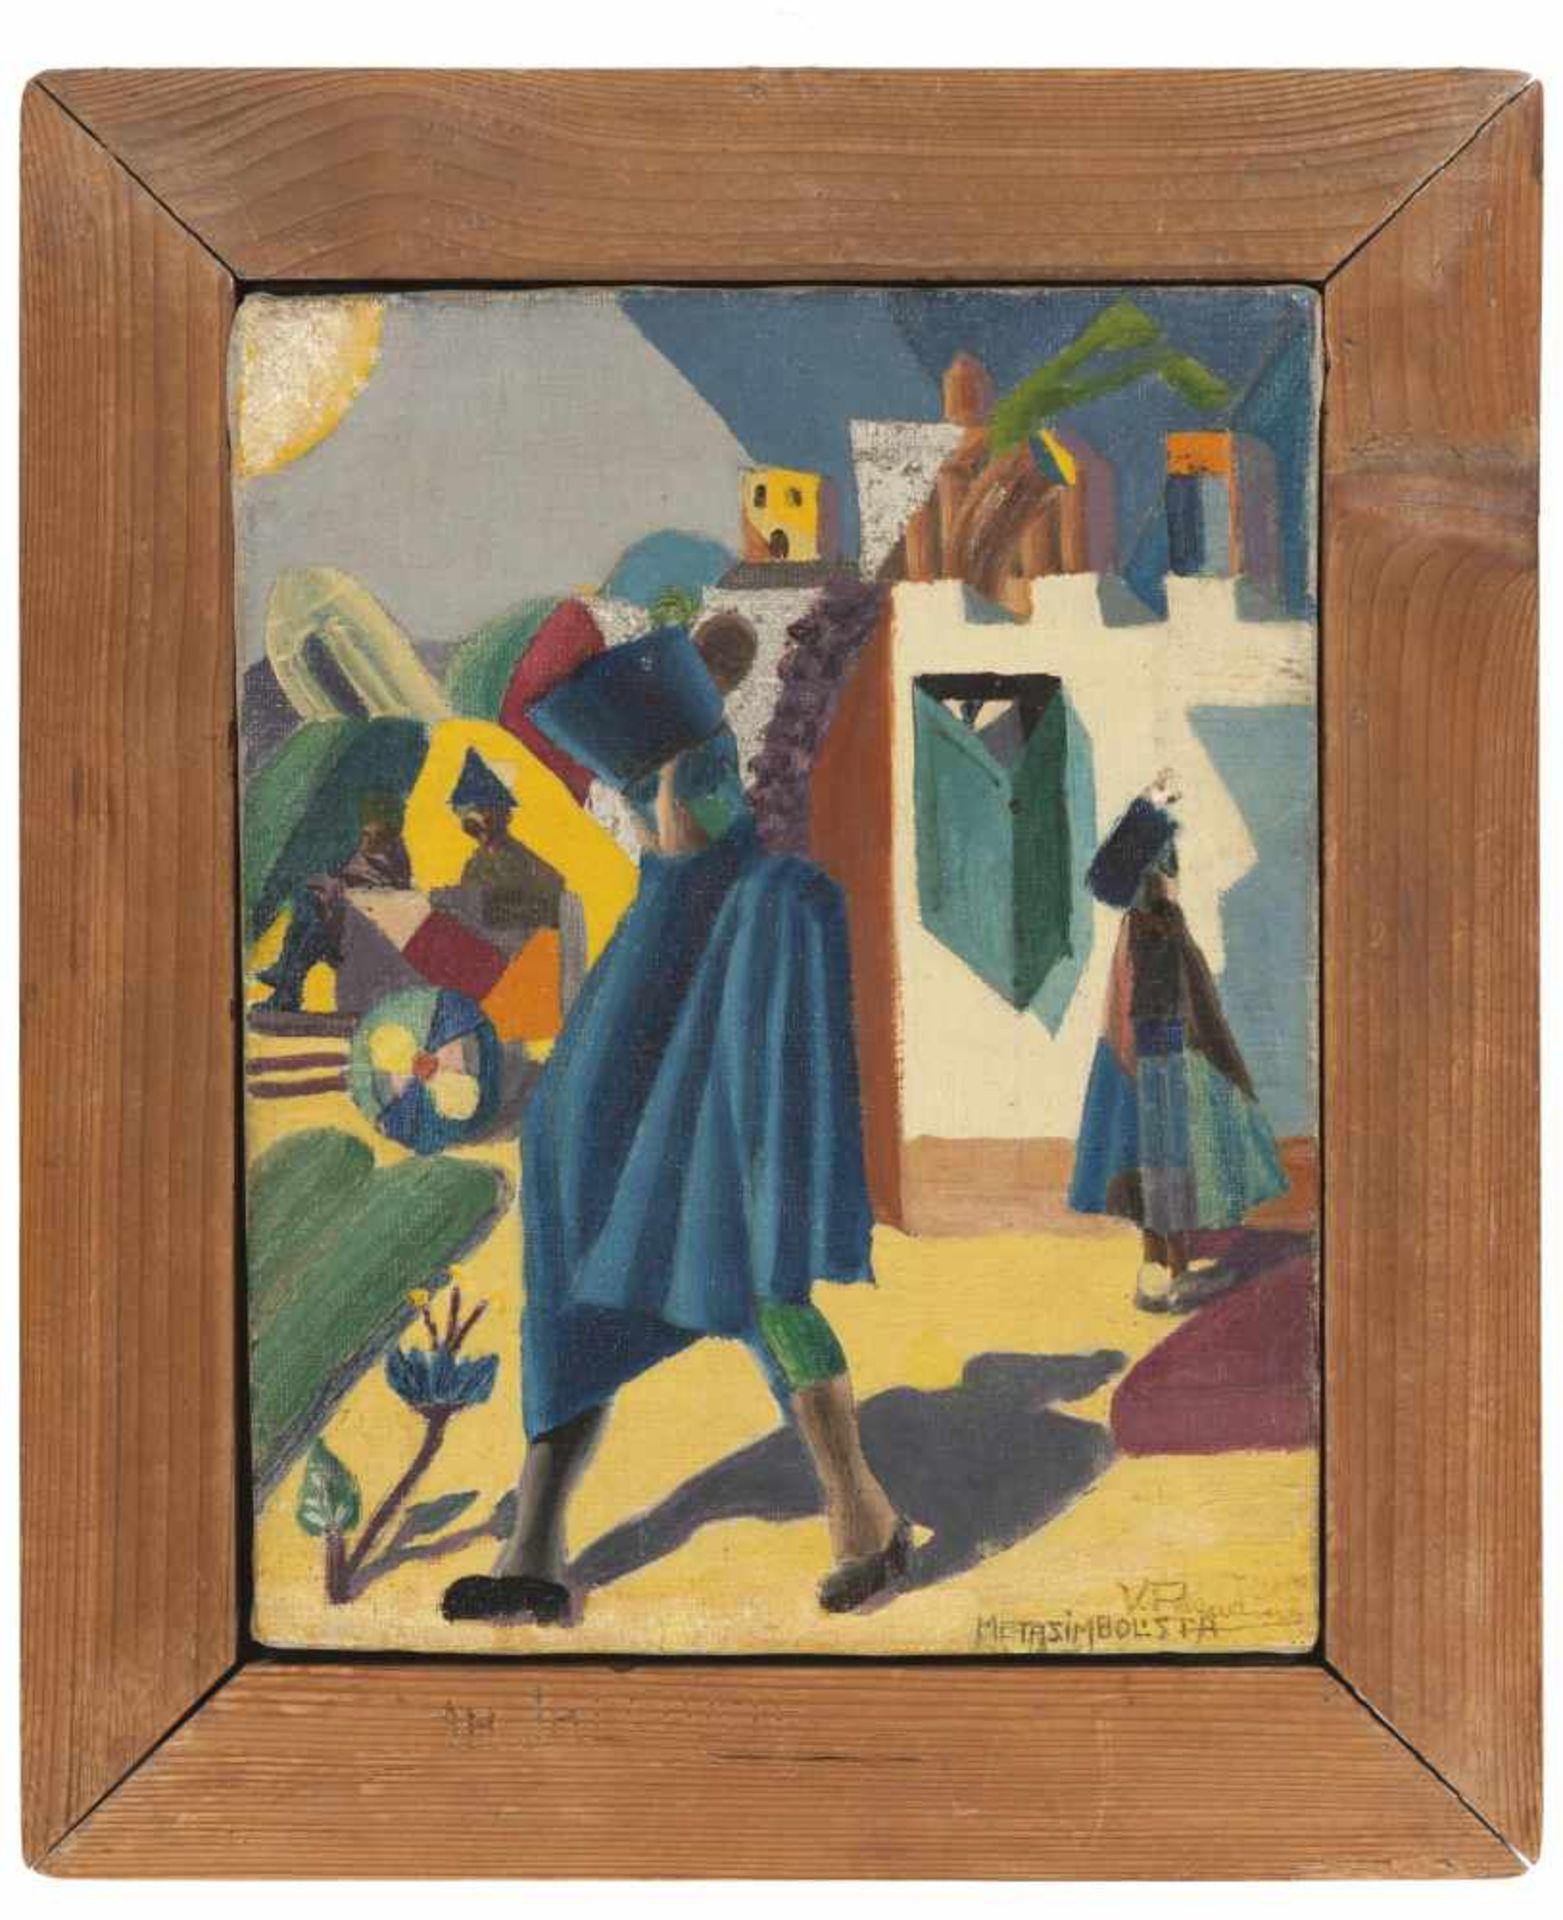 Vinicio Paladini (1902 – 1971)Metasimbolista, 1920;Öl auf Leinwand, 28 x 22 cm, Originalrahmen,